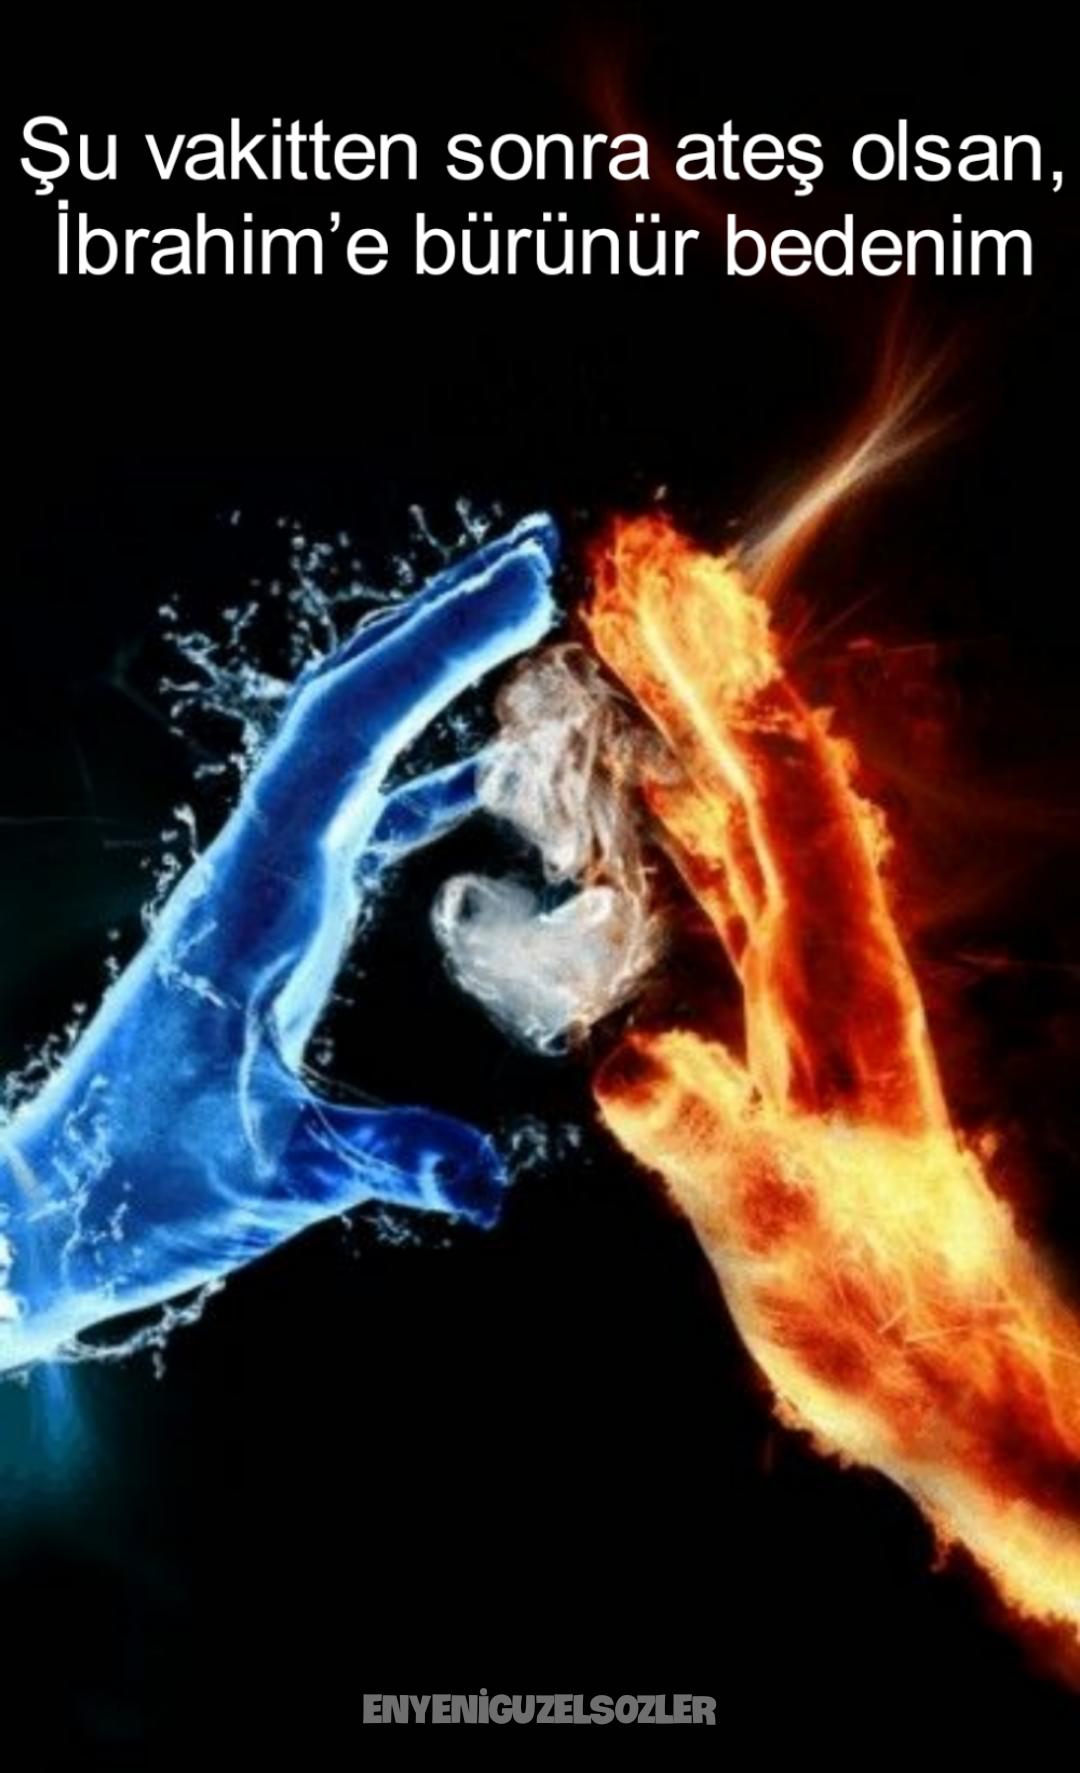 Şu vakitten sonra ateş olsan, İbrahim'e bürünür bedenim. Resimli Duygusal Sözler – En Yeni Duygu Yüklü Sözler - resimli duygusal sözler etkileyici sözler duygusal sözler duygu yüklü sözler Aşk Sözleri anlamlı sözler